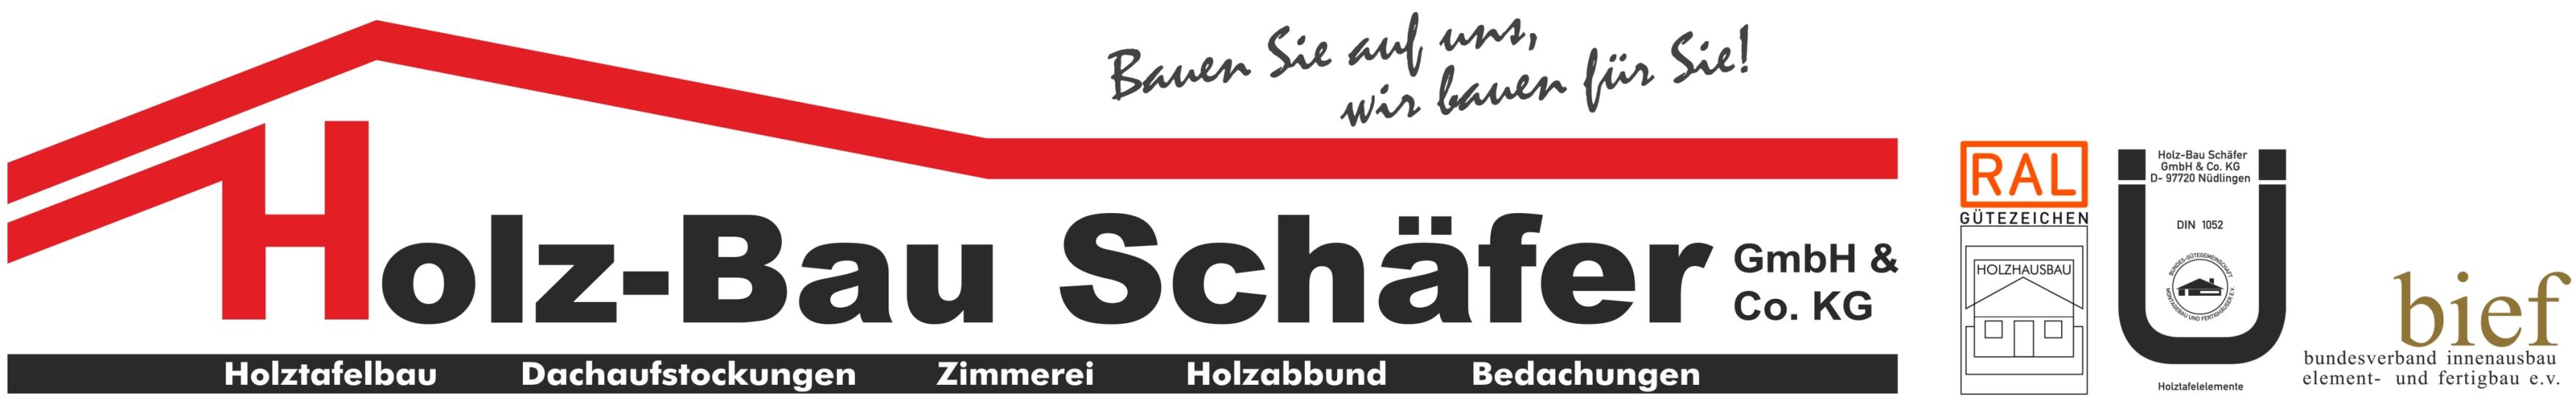 Schäfer Fertighaus und Holz-Bau Schäfer